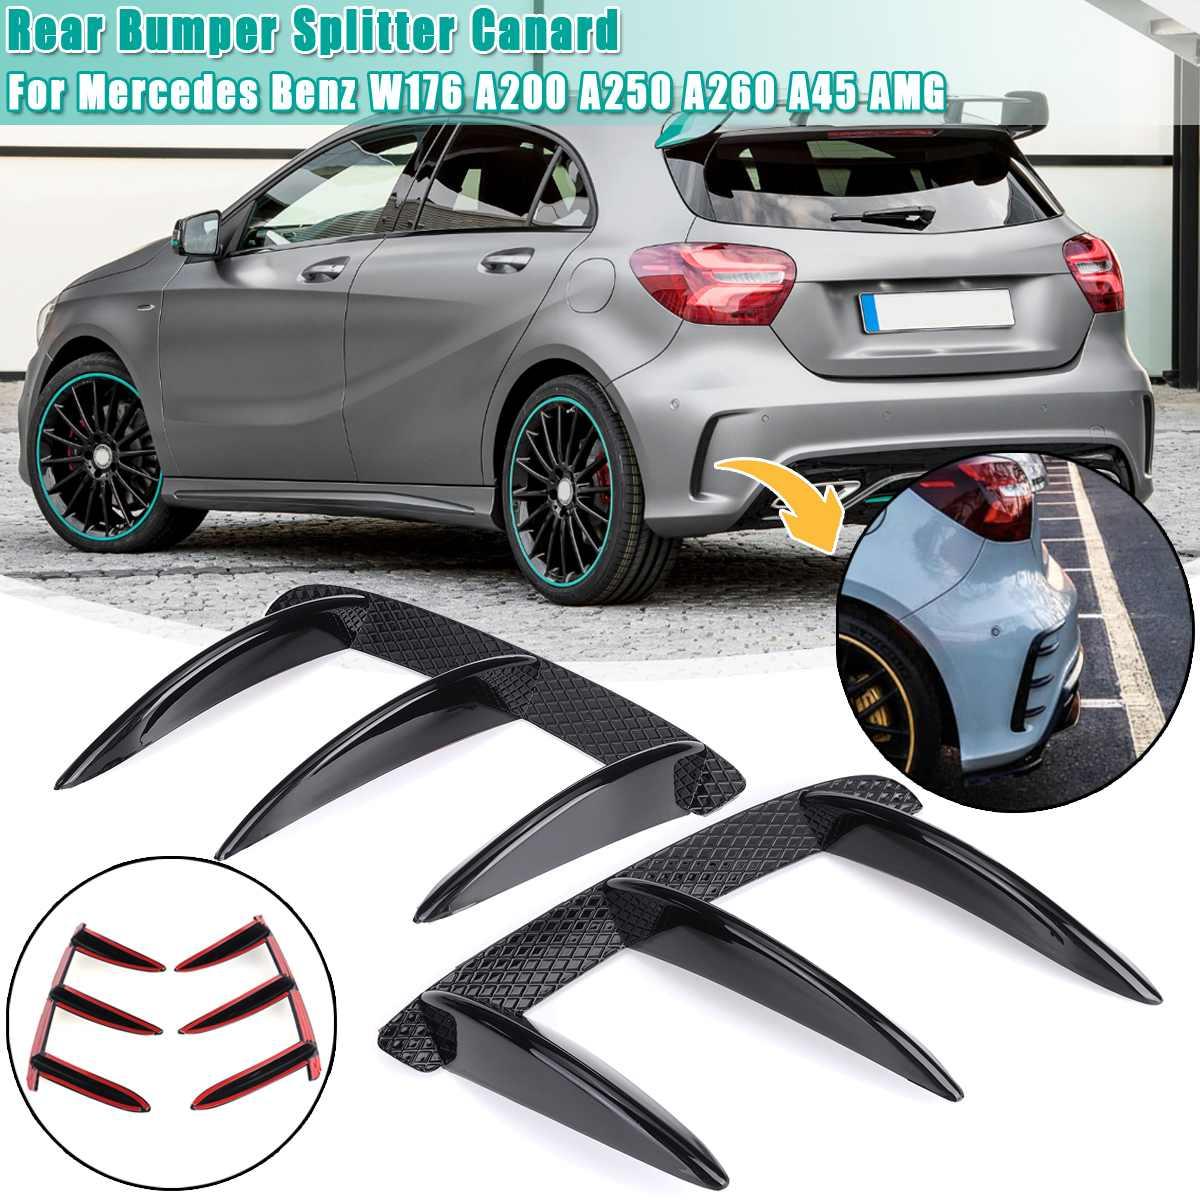 2 Pcs W176 Splitter Achterbumper Canards Spoiler Voor Mercedes Benz W176 A200 A250 A260 A45 Voor Amg Pakket abs Zwart